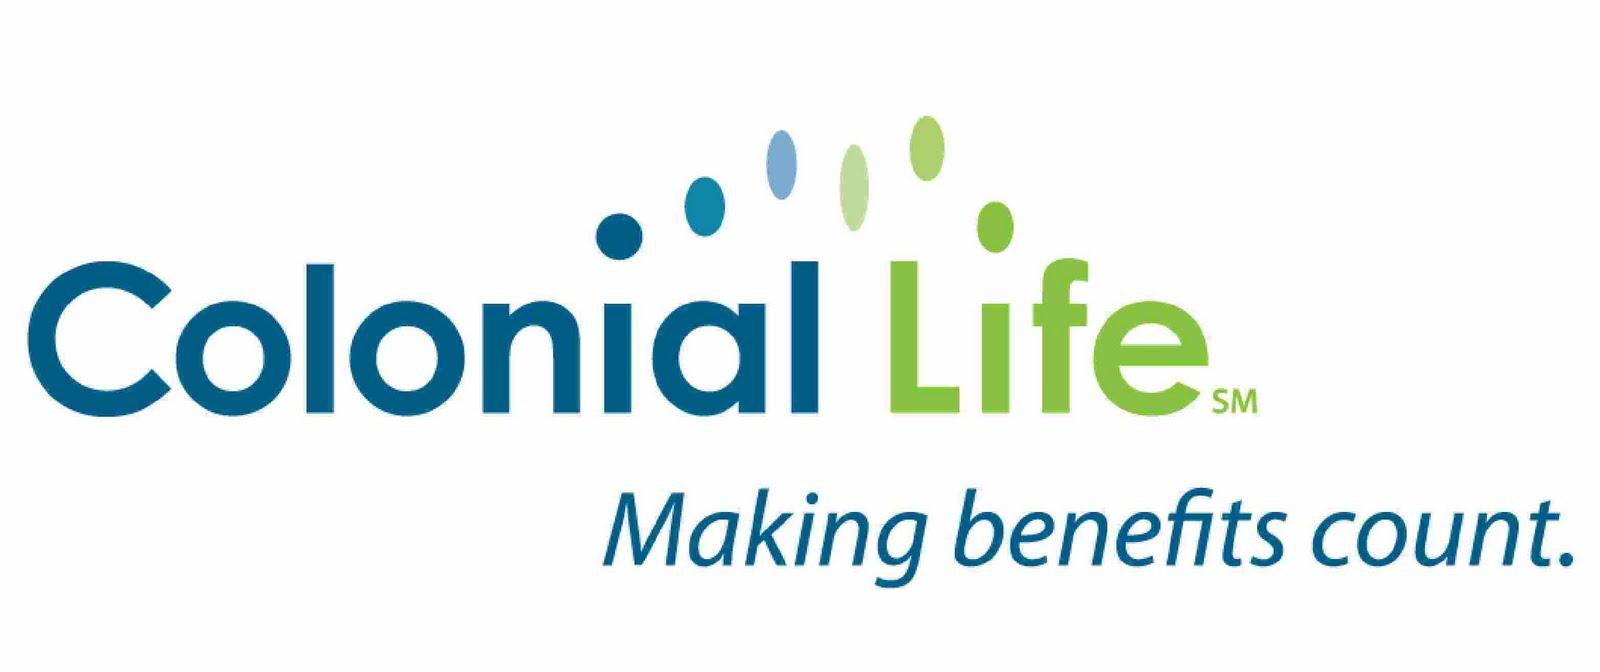 Colonial_Life_Logo3.jpg